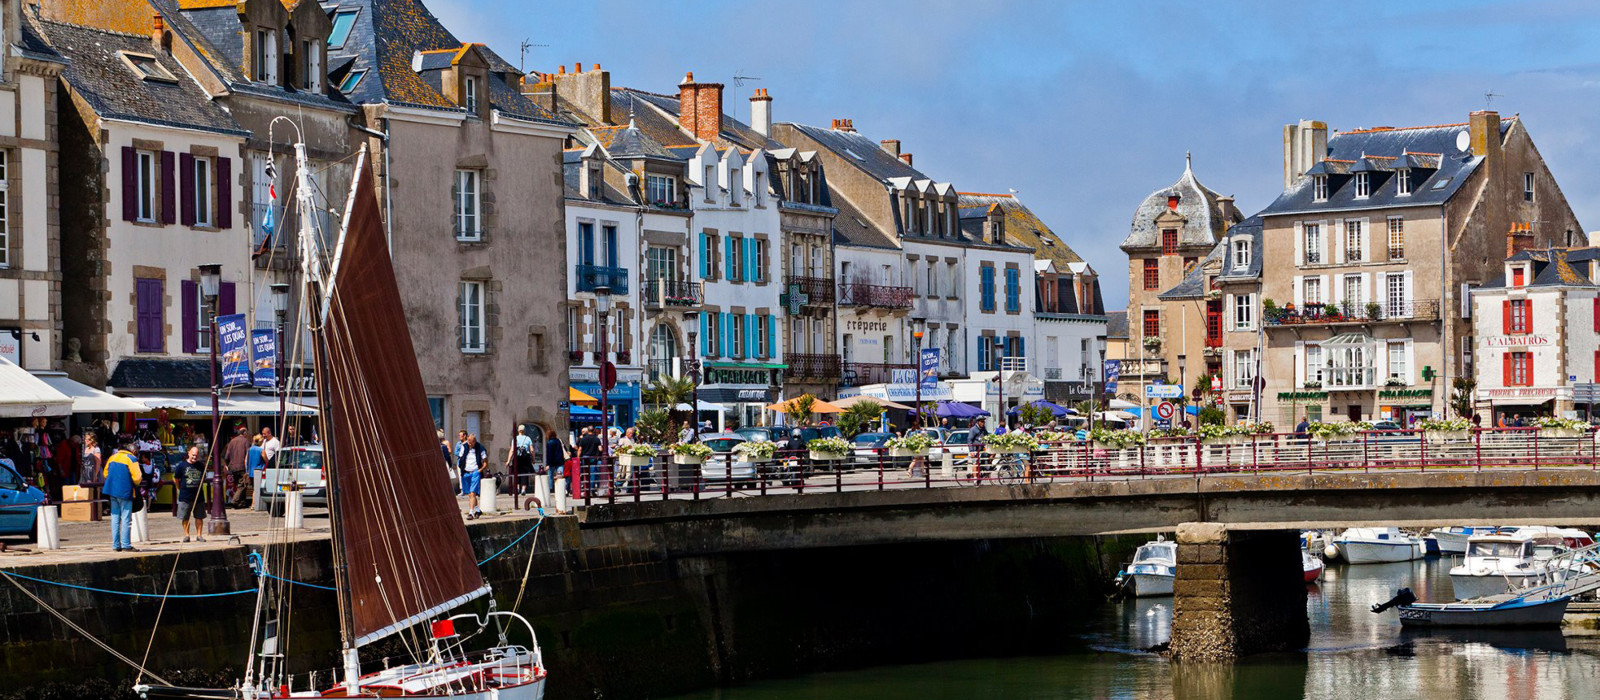 Le croisic racont par le directeur de l 39 office de tourisme - Office de tourisme le croisic ...